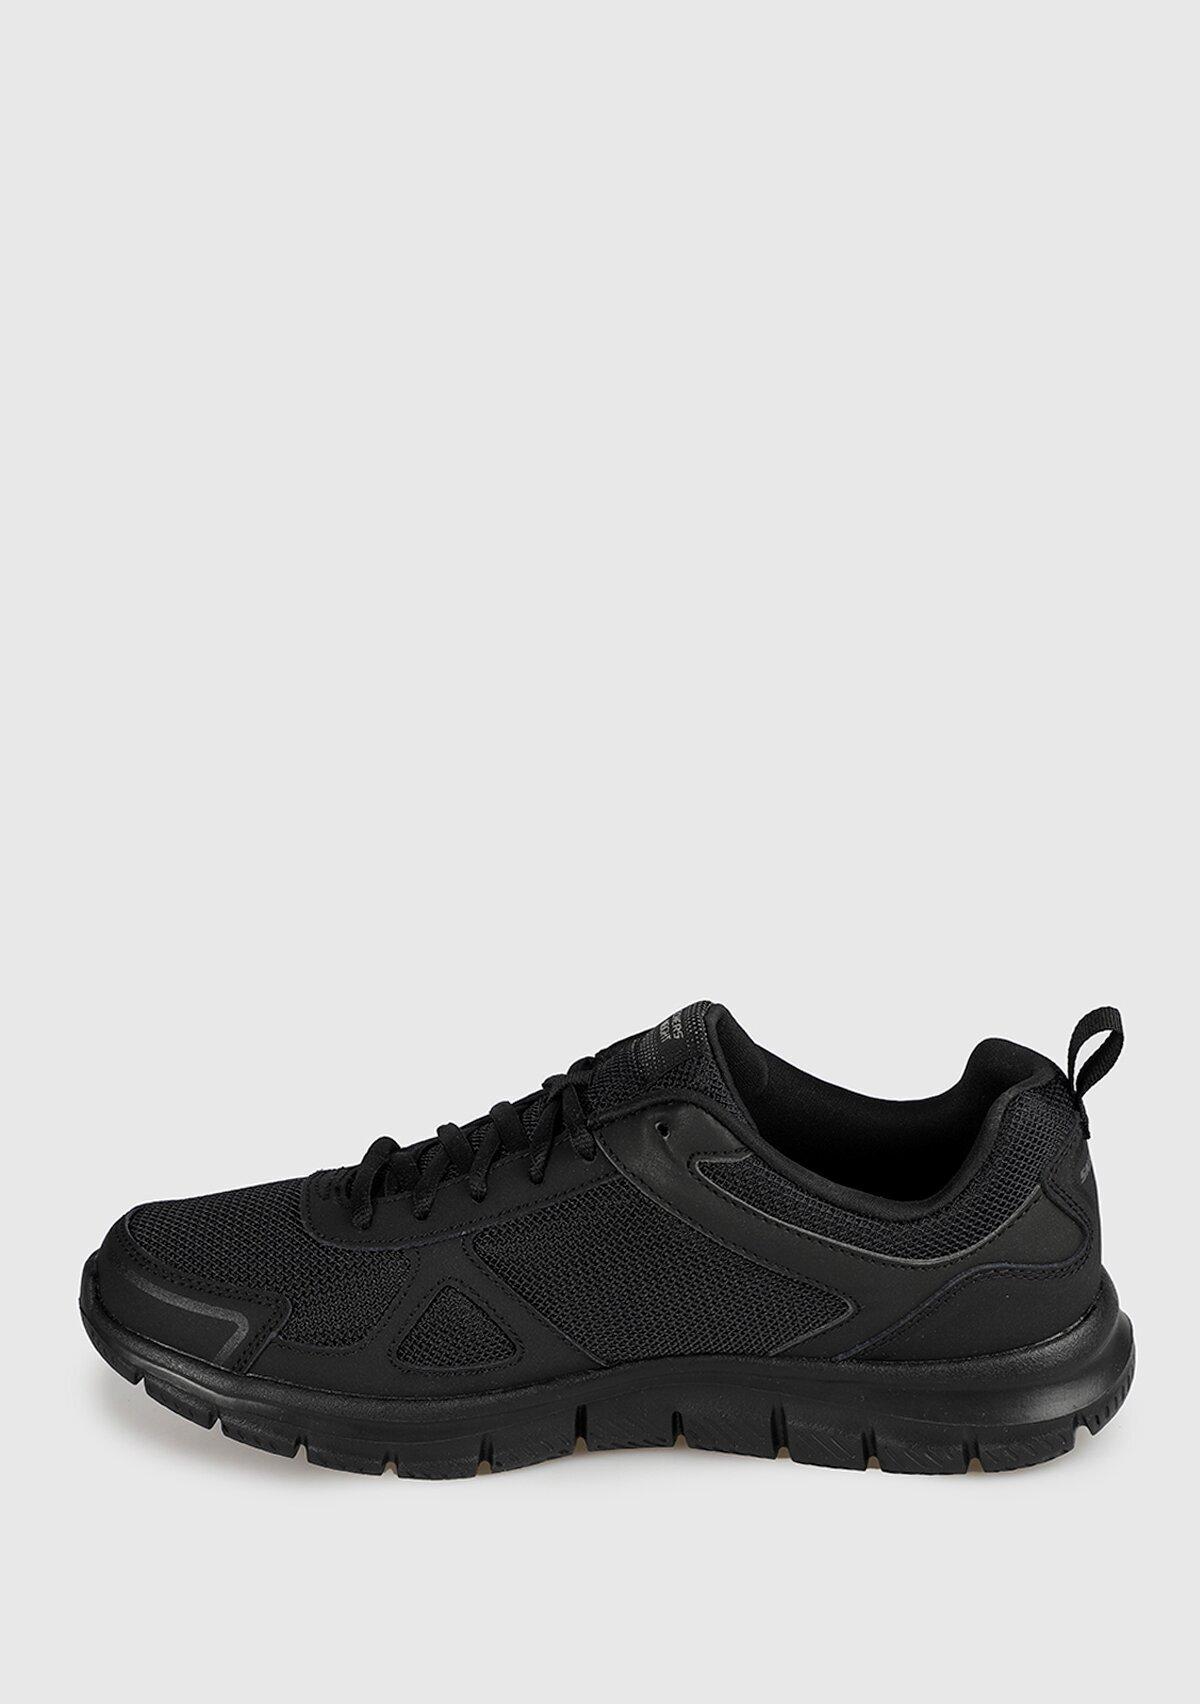 resm Track Siyah Erkek Sneaker 52631Bbk